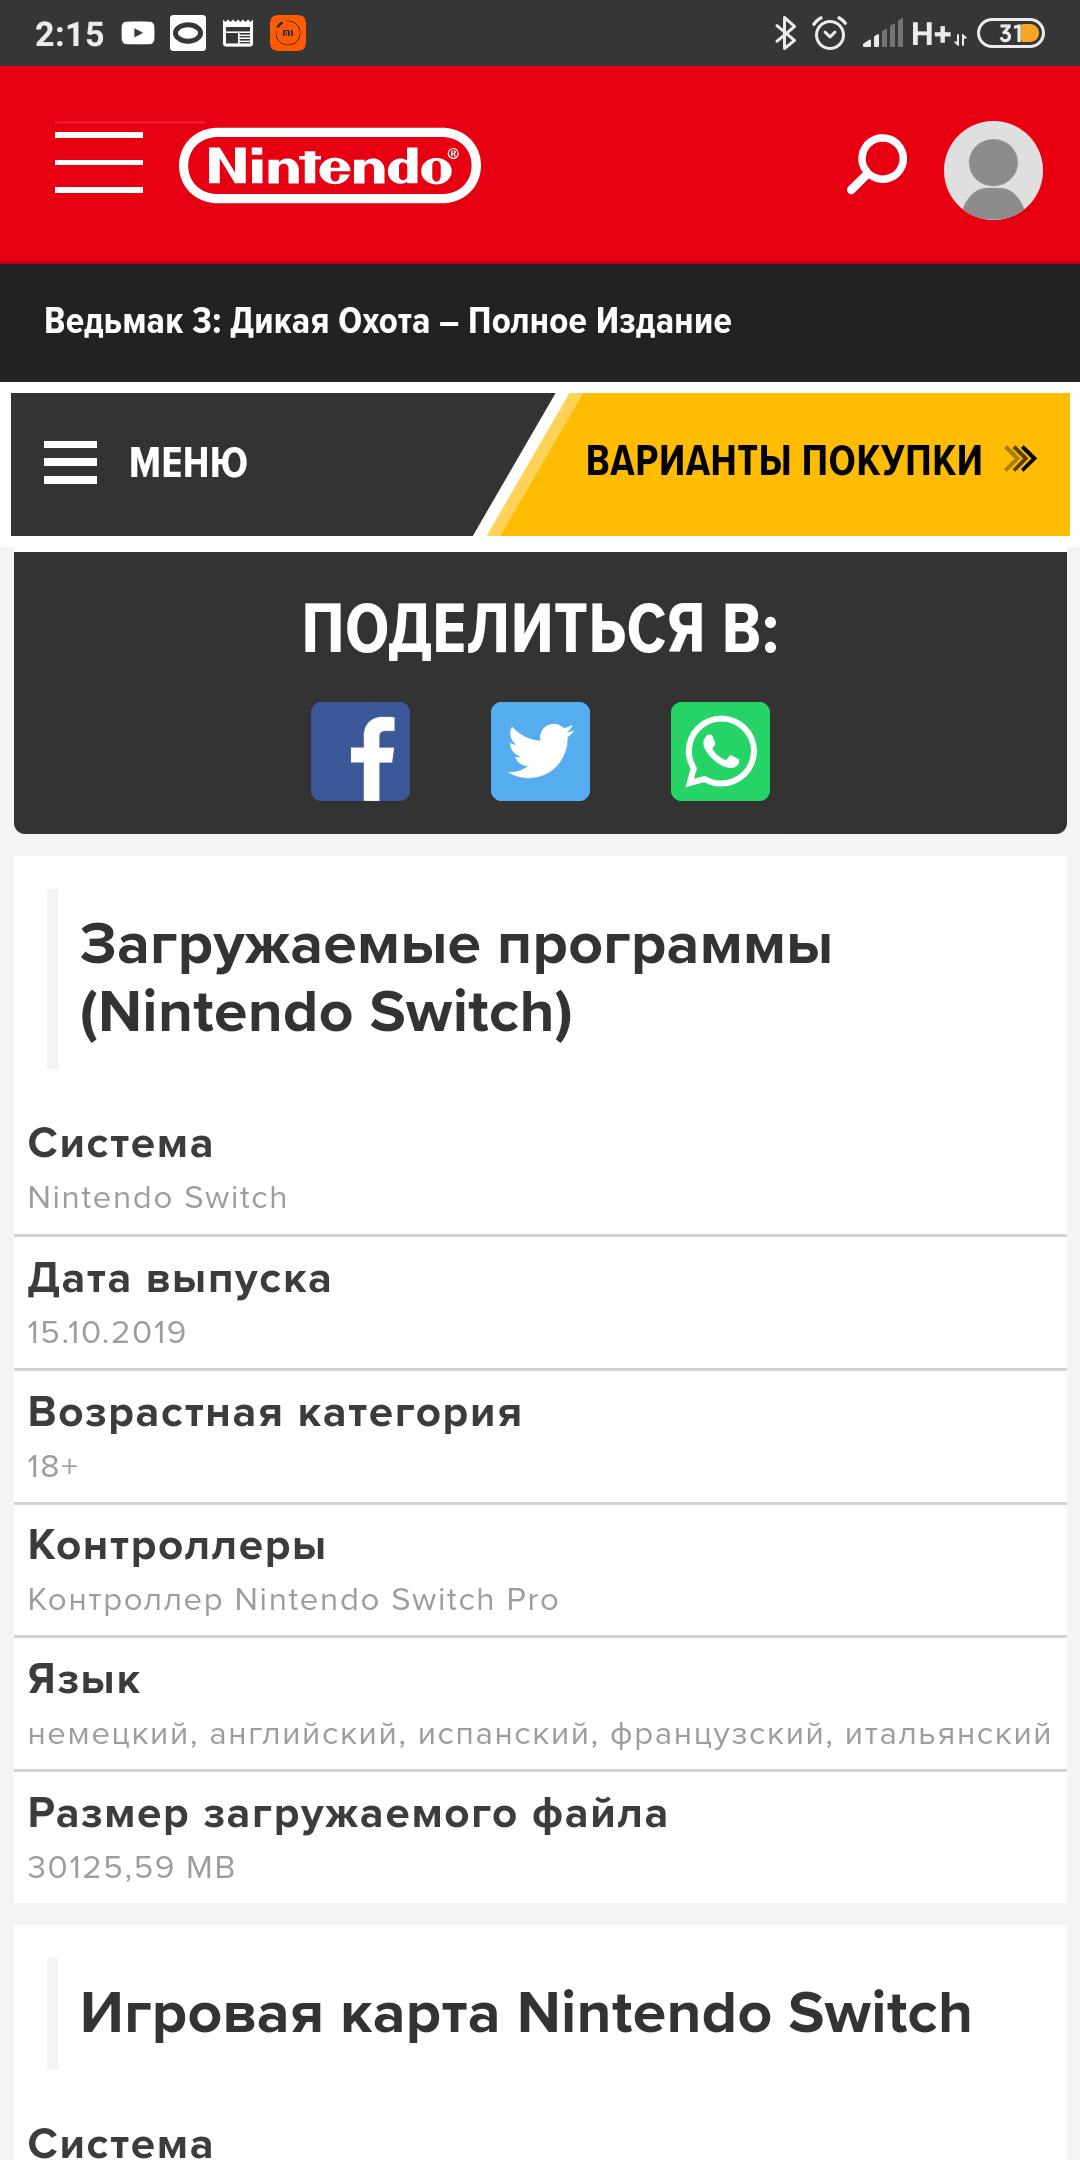 Screenshot_2019-10-17-02-15-31-942_com.android.chrome.png